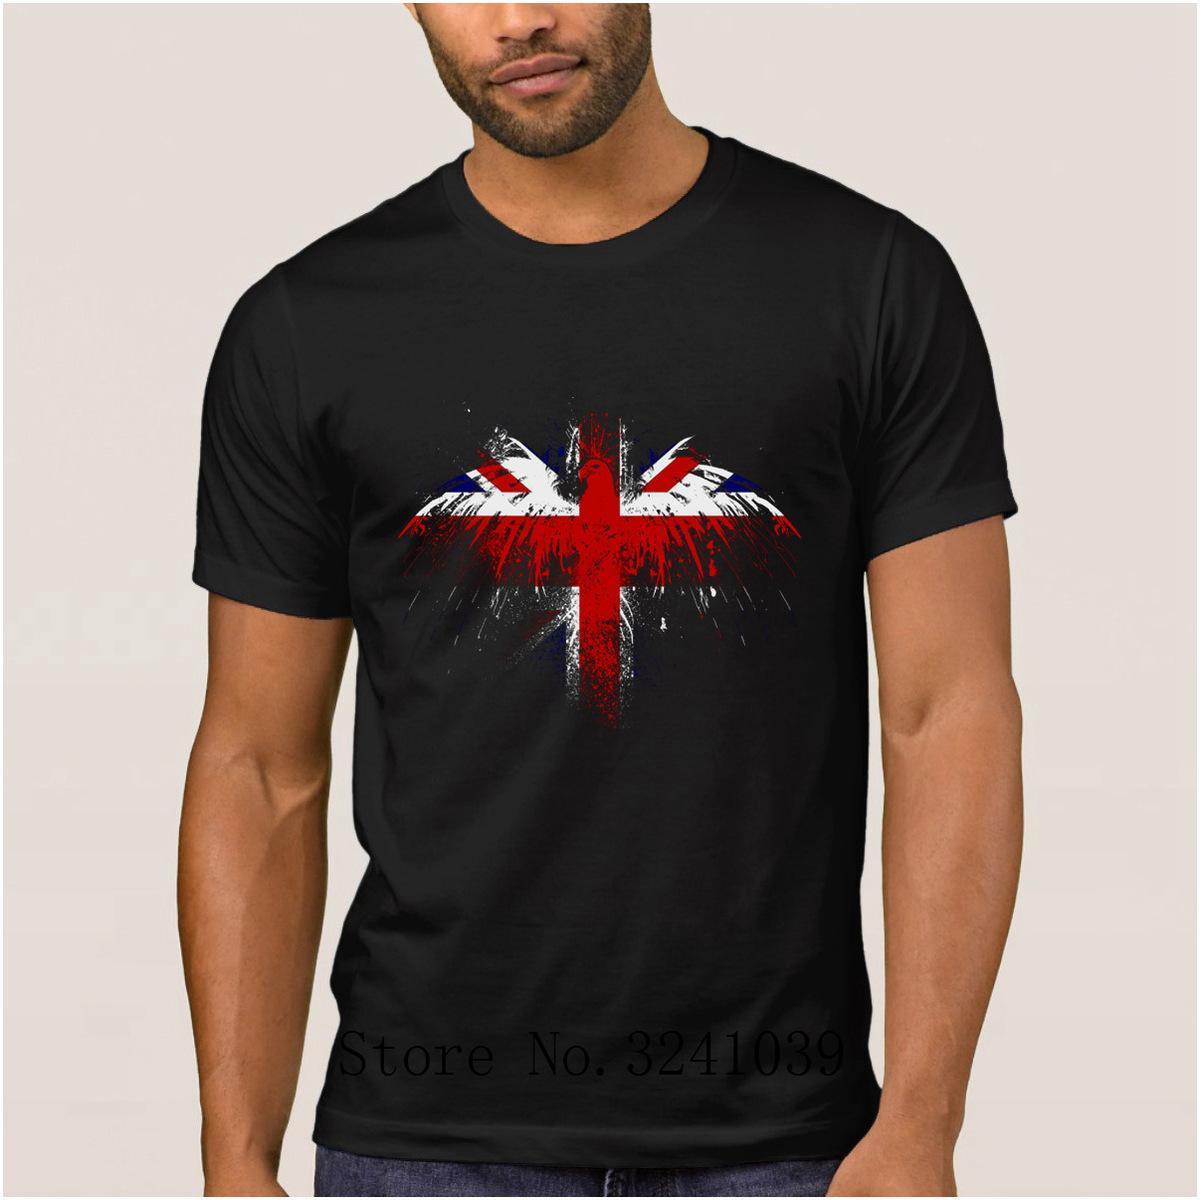 Impressão Humor britânico camisa dos homens t verão Gráfico Águia Pintura t-shirt Letras tshirt tamanho grande Euro S-3xl cor sólida